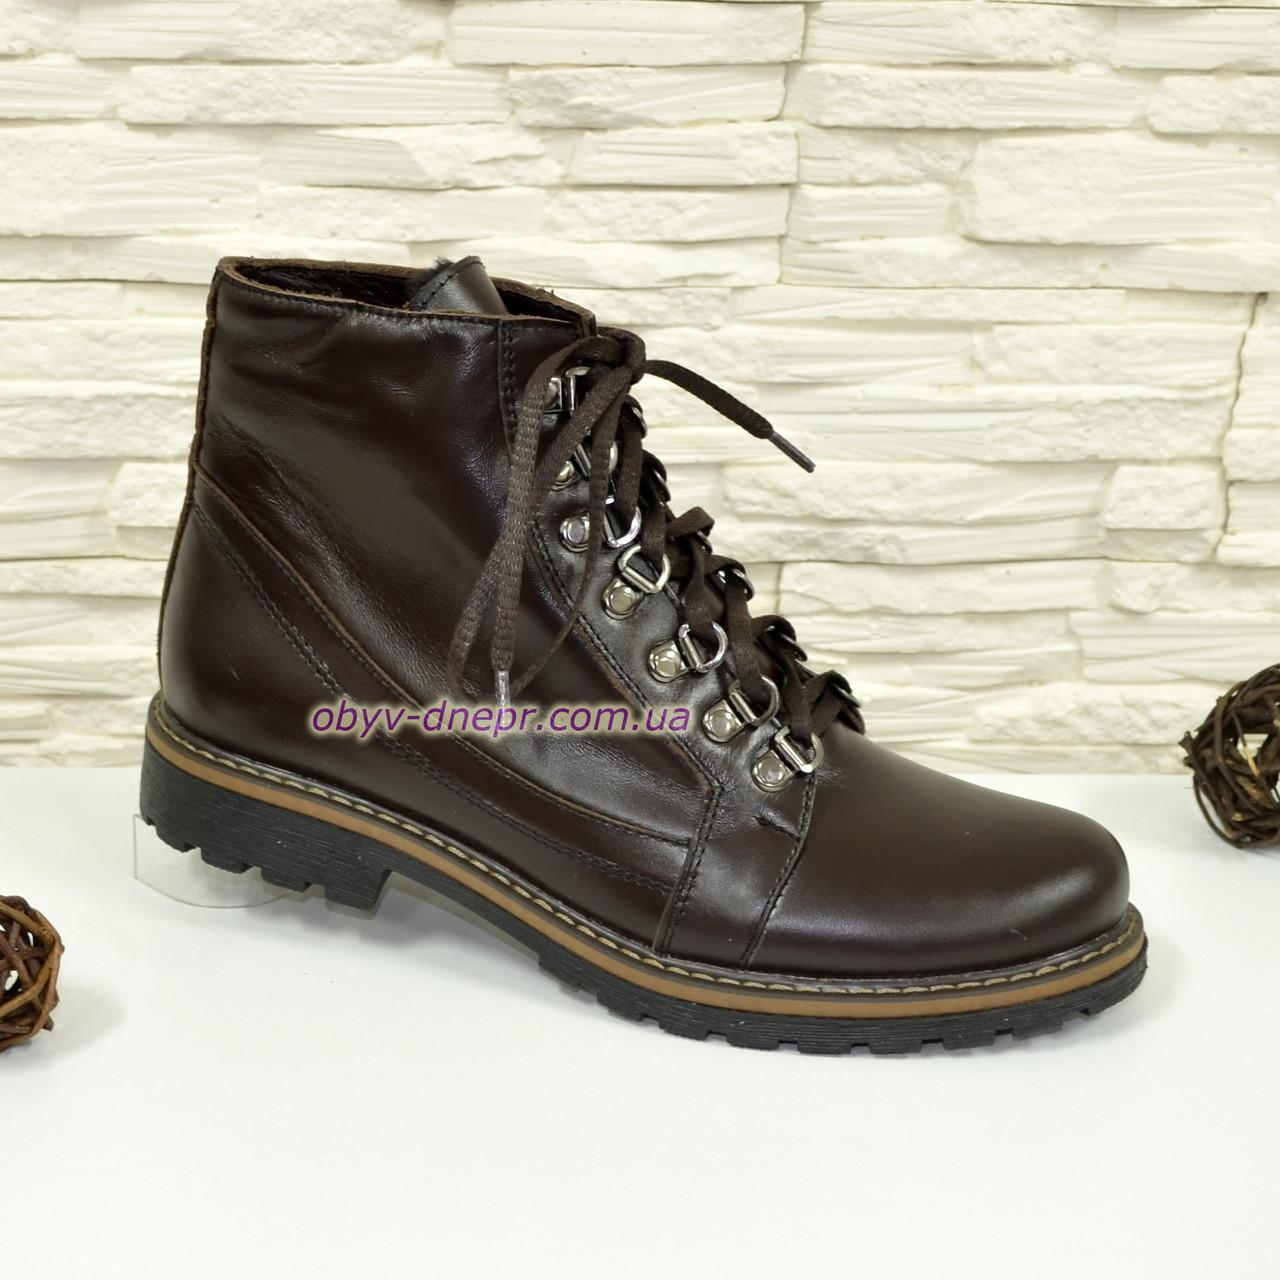 Ботинки   женские кожаные коричневого цвета